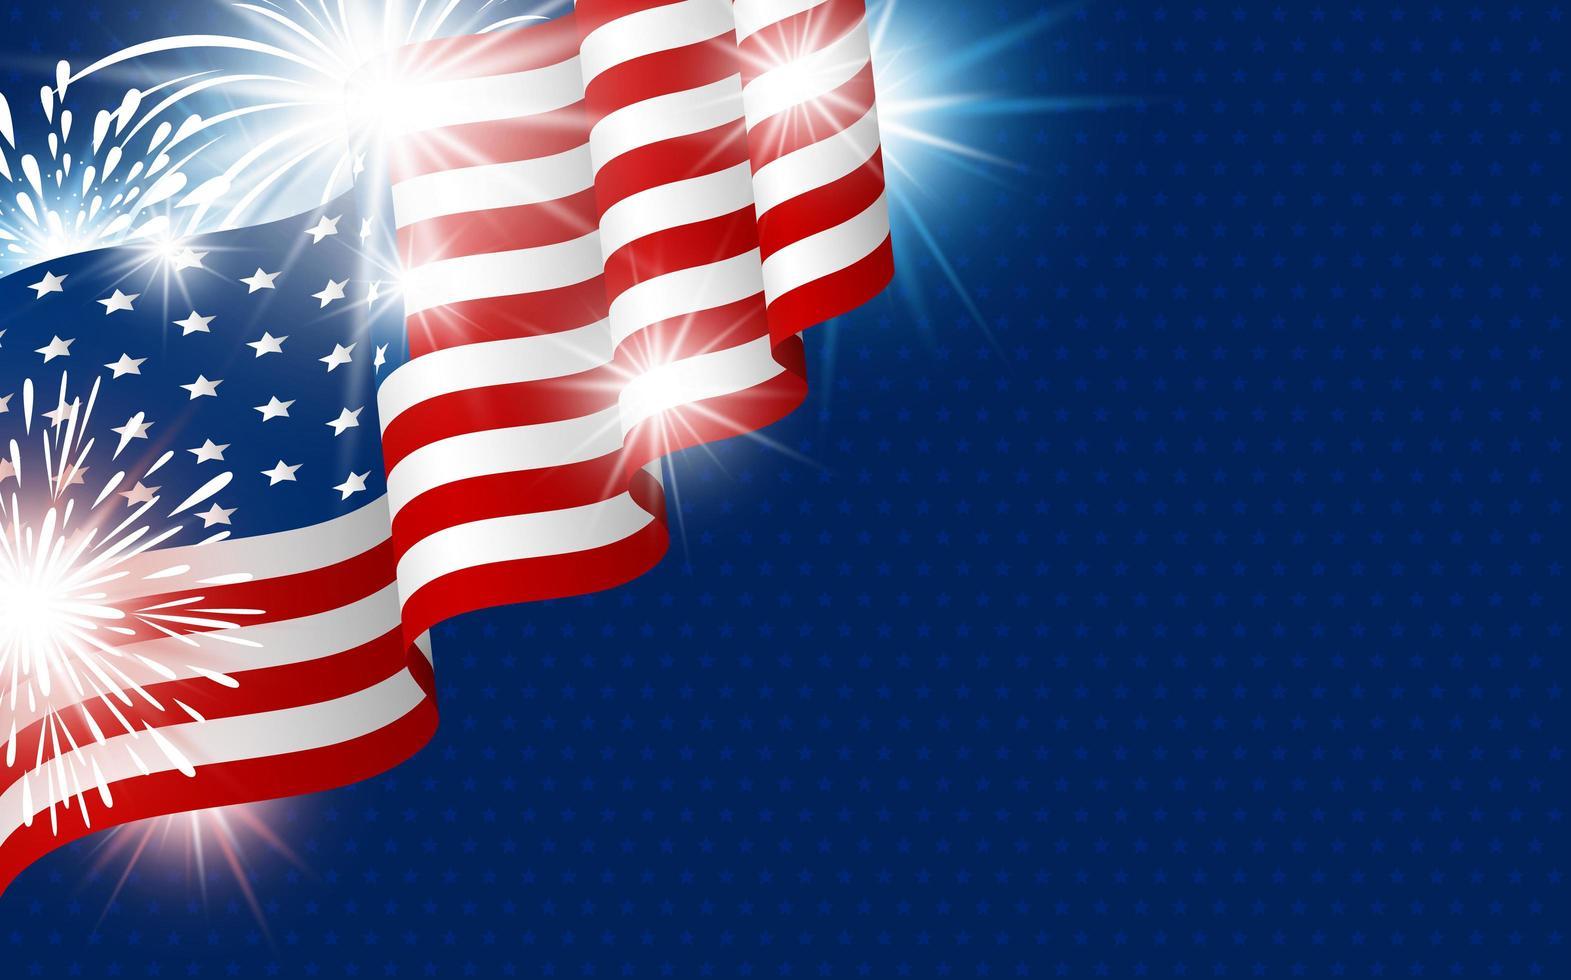 Bandera de Estados Unidos con fuegos artificiales en estrella vector